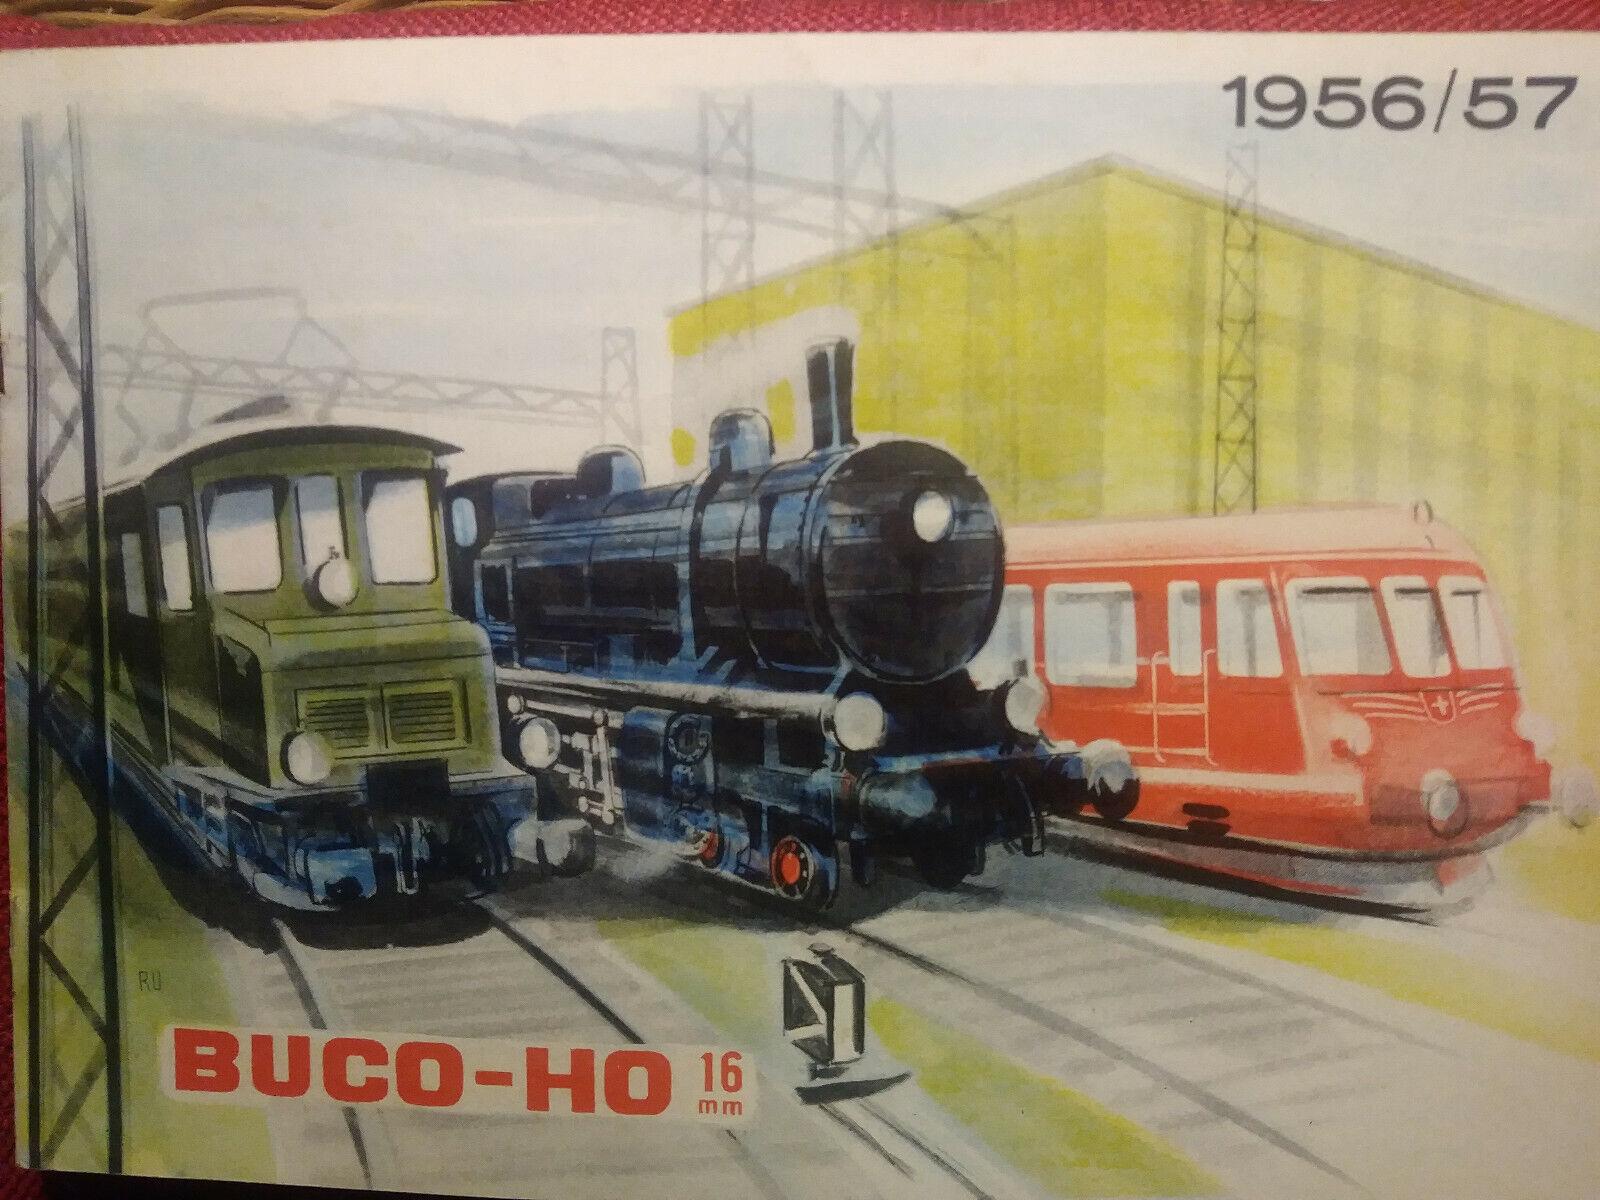 BUCO - H0 16mm Modelbahn - Katalog Ausgabe 1956 57, A5 quer, 16 Seiten, schön